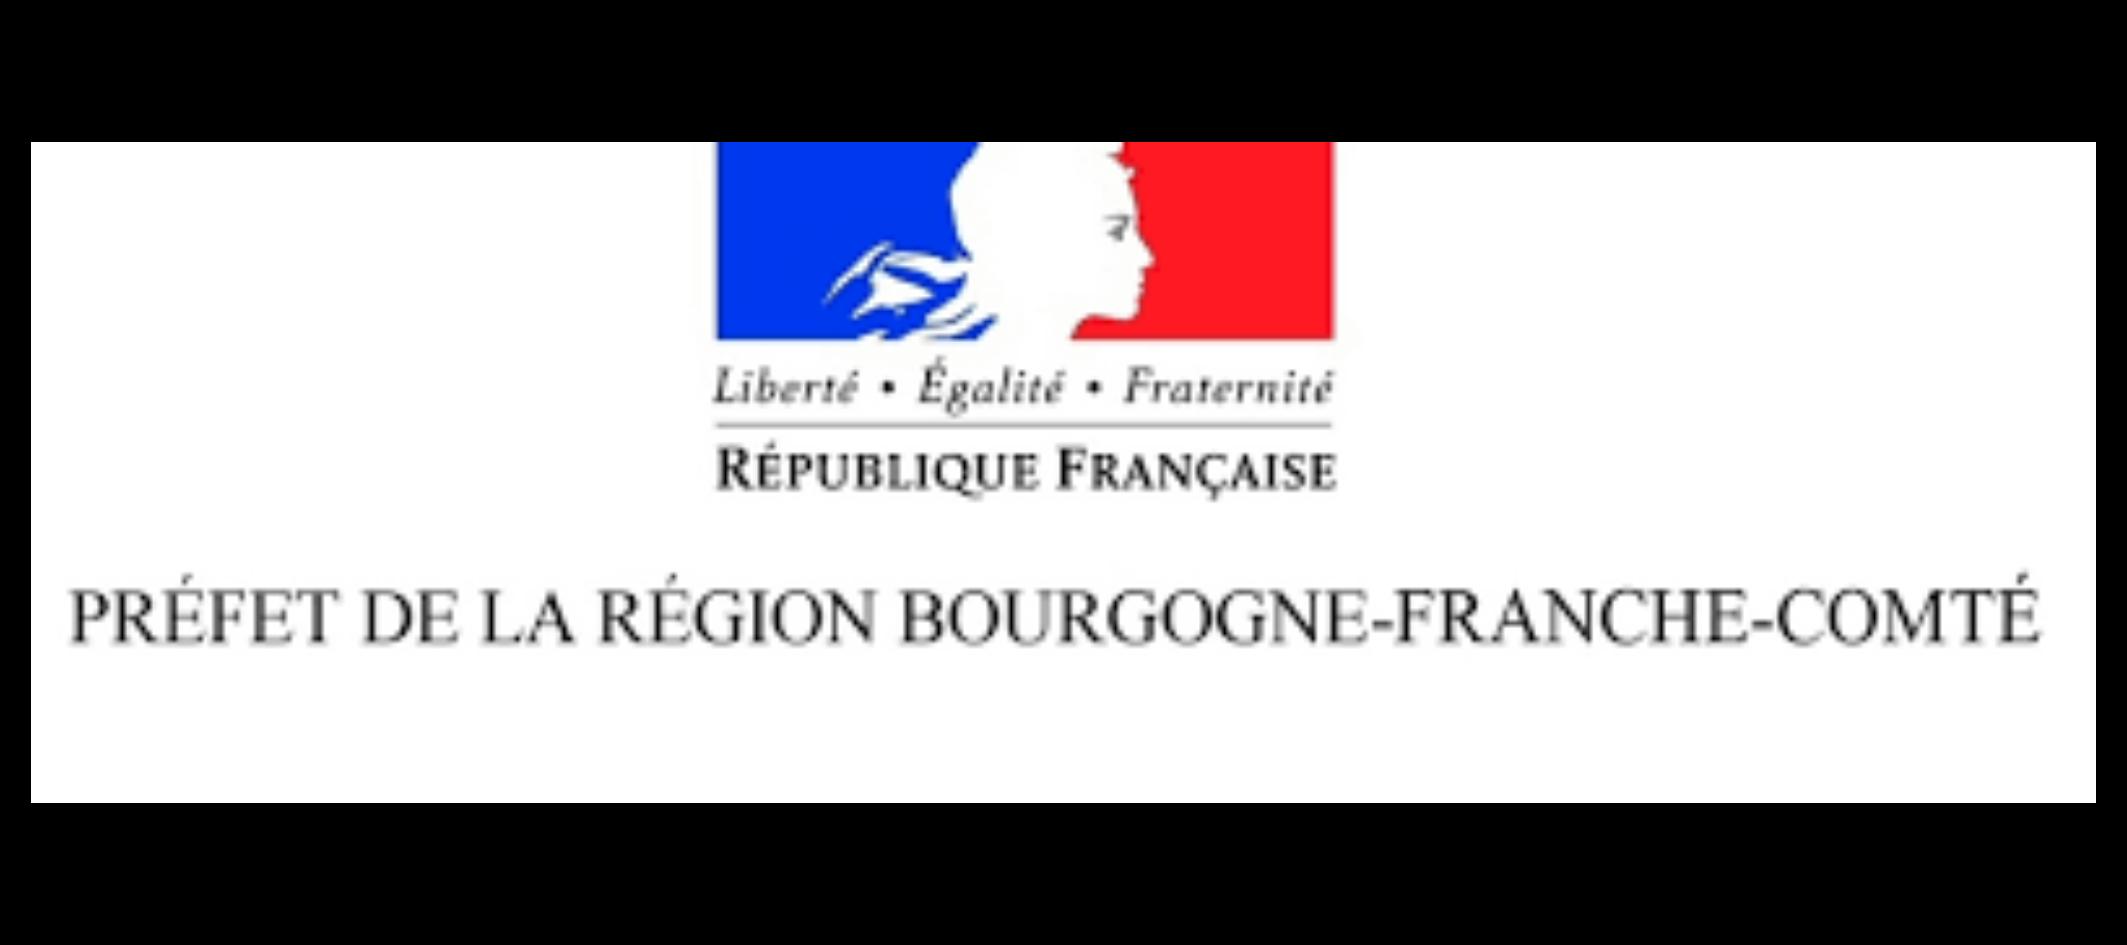 Logo-Prefecture-region-bourgogne-franche-comte